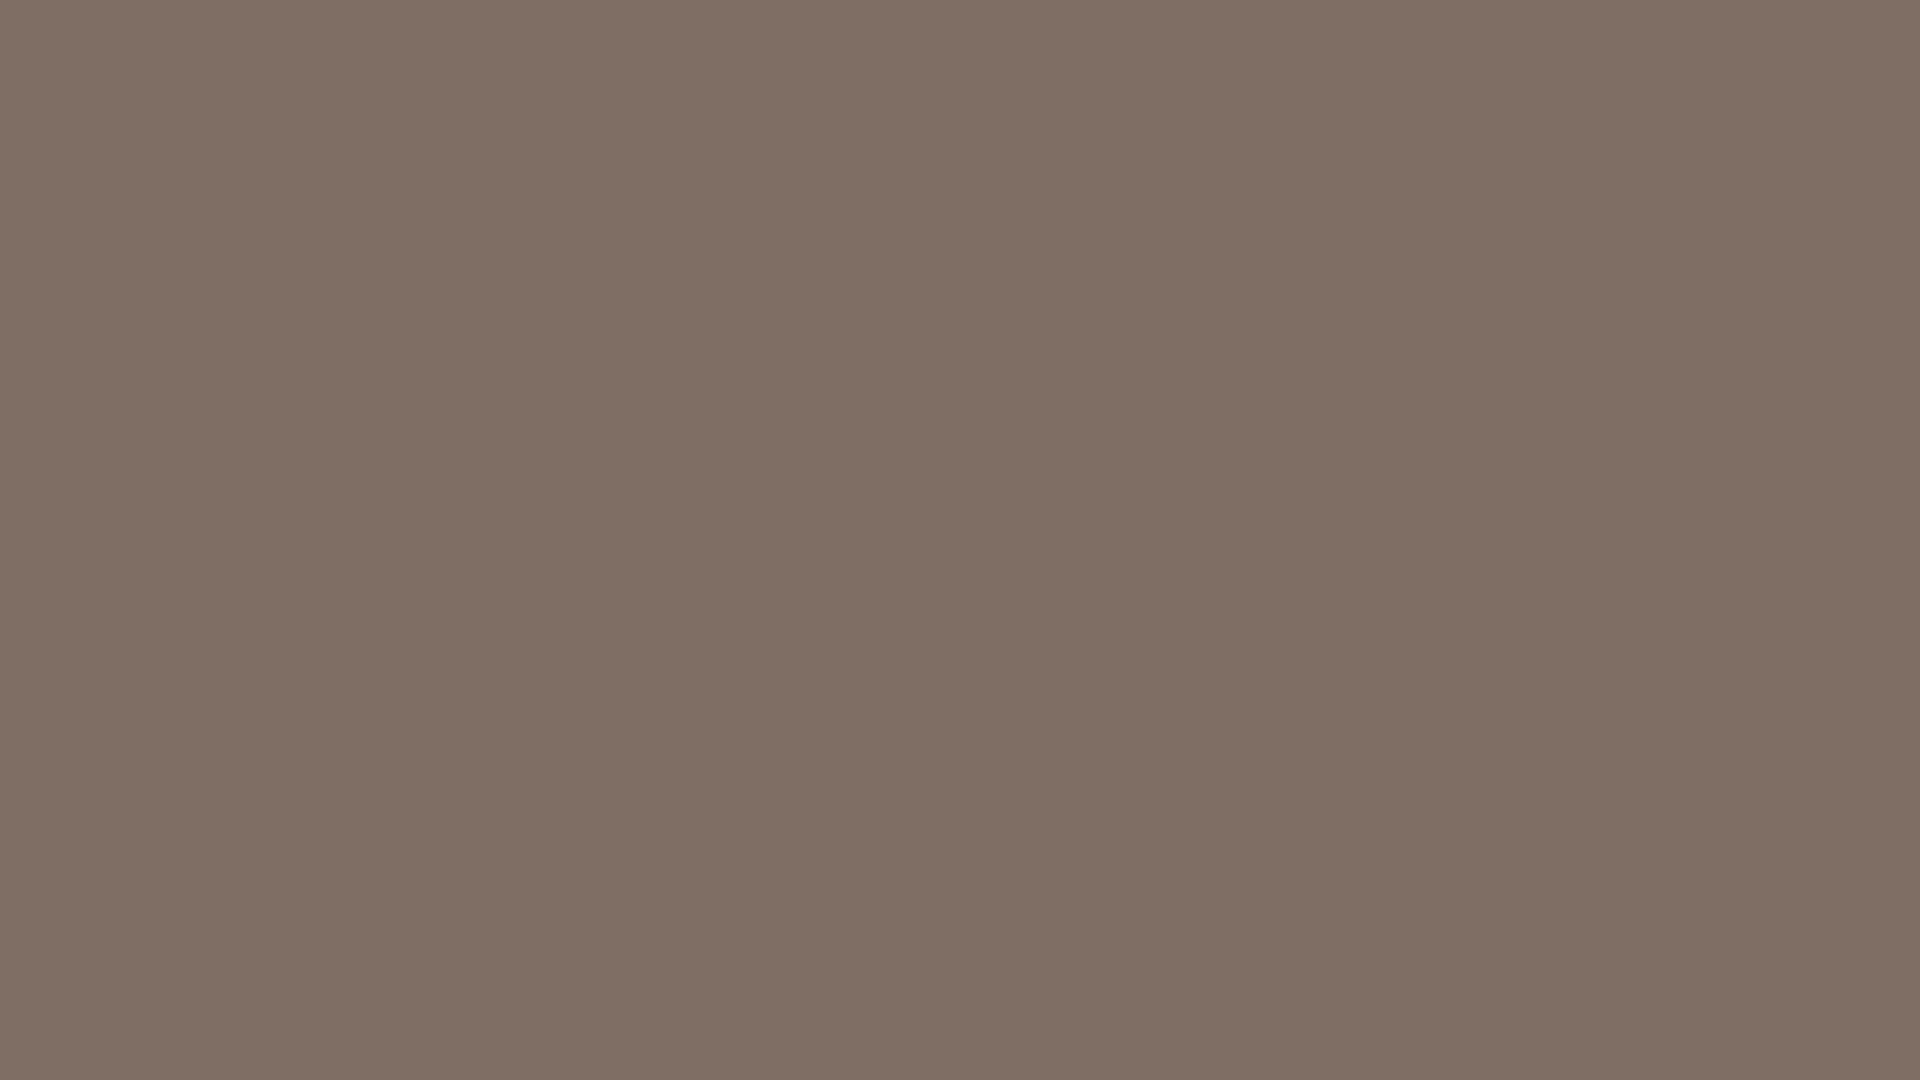 PAL Melaminat Ultra Mat Taupe 27166 UM Kaindl Decor